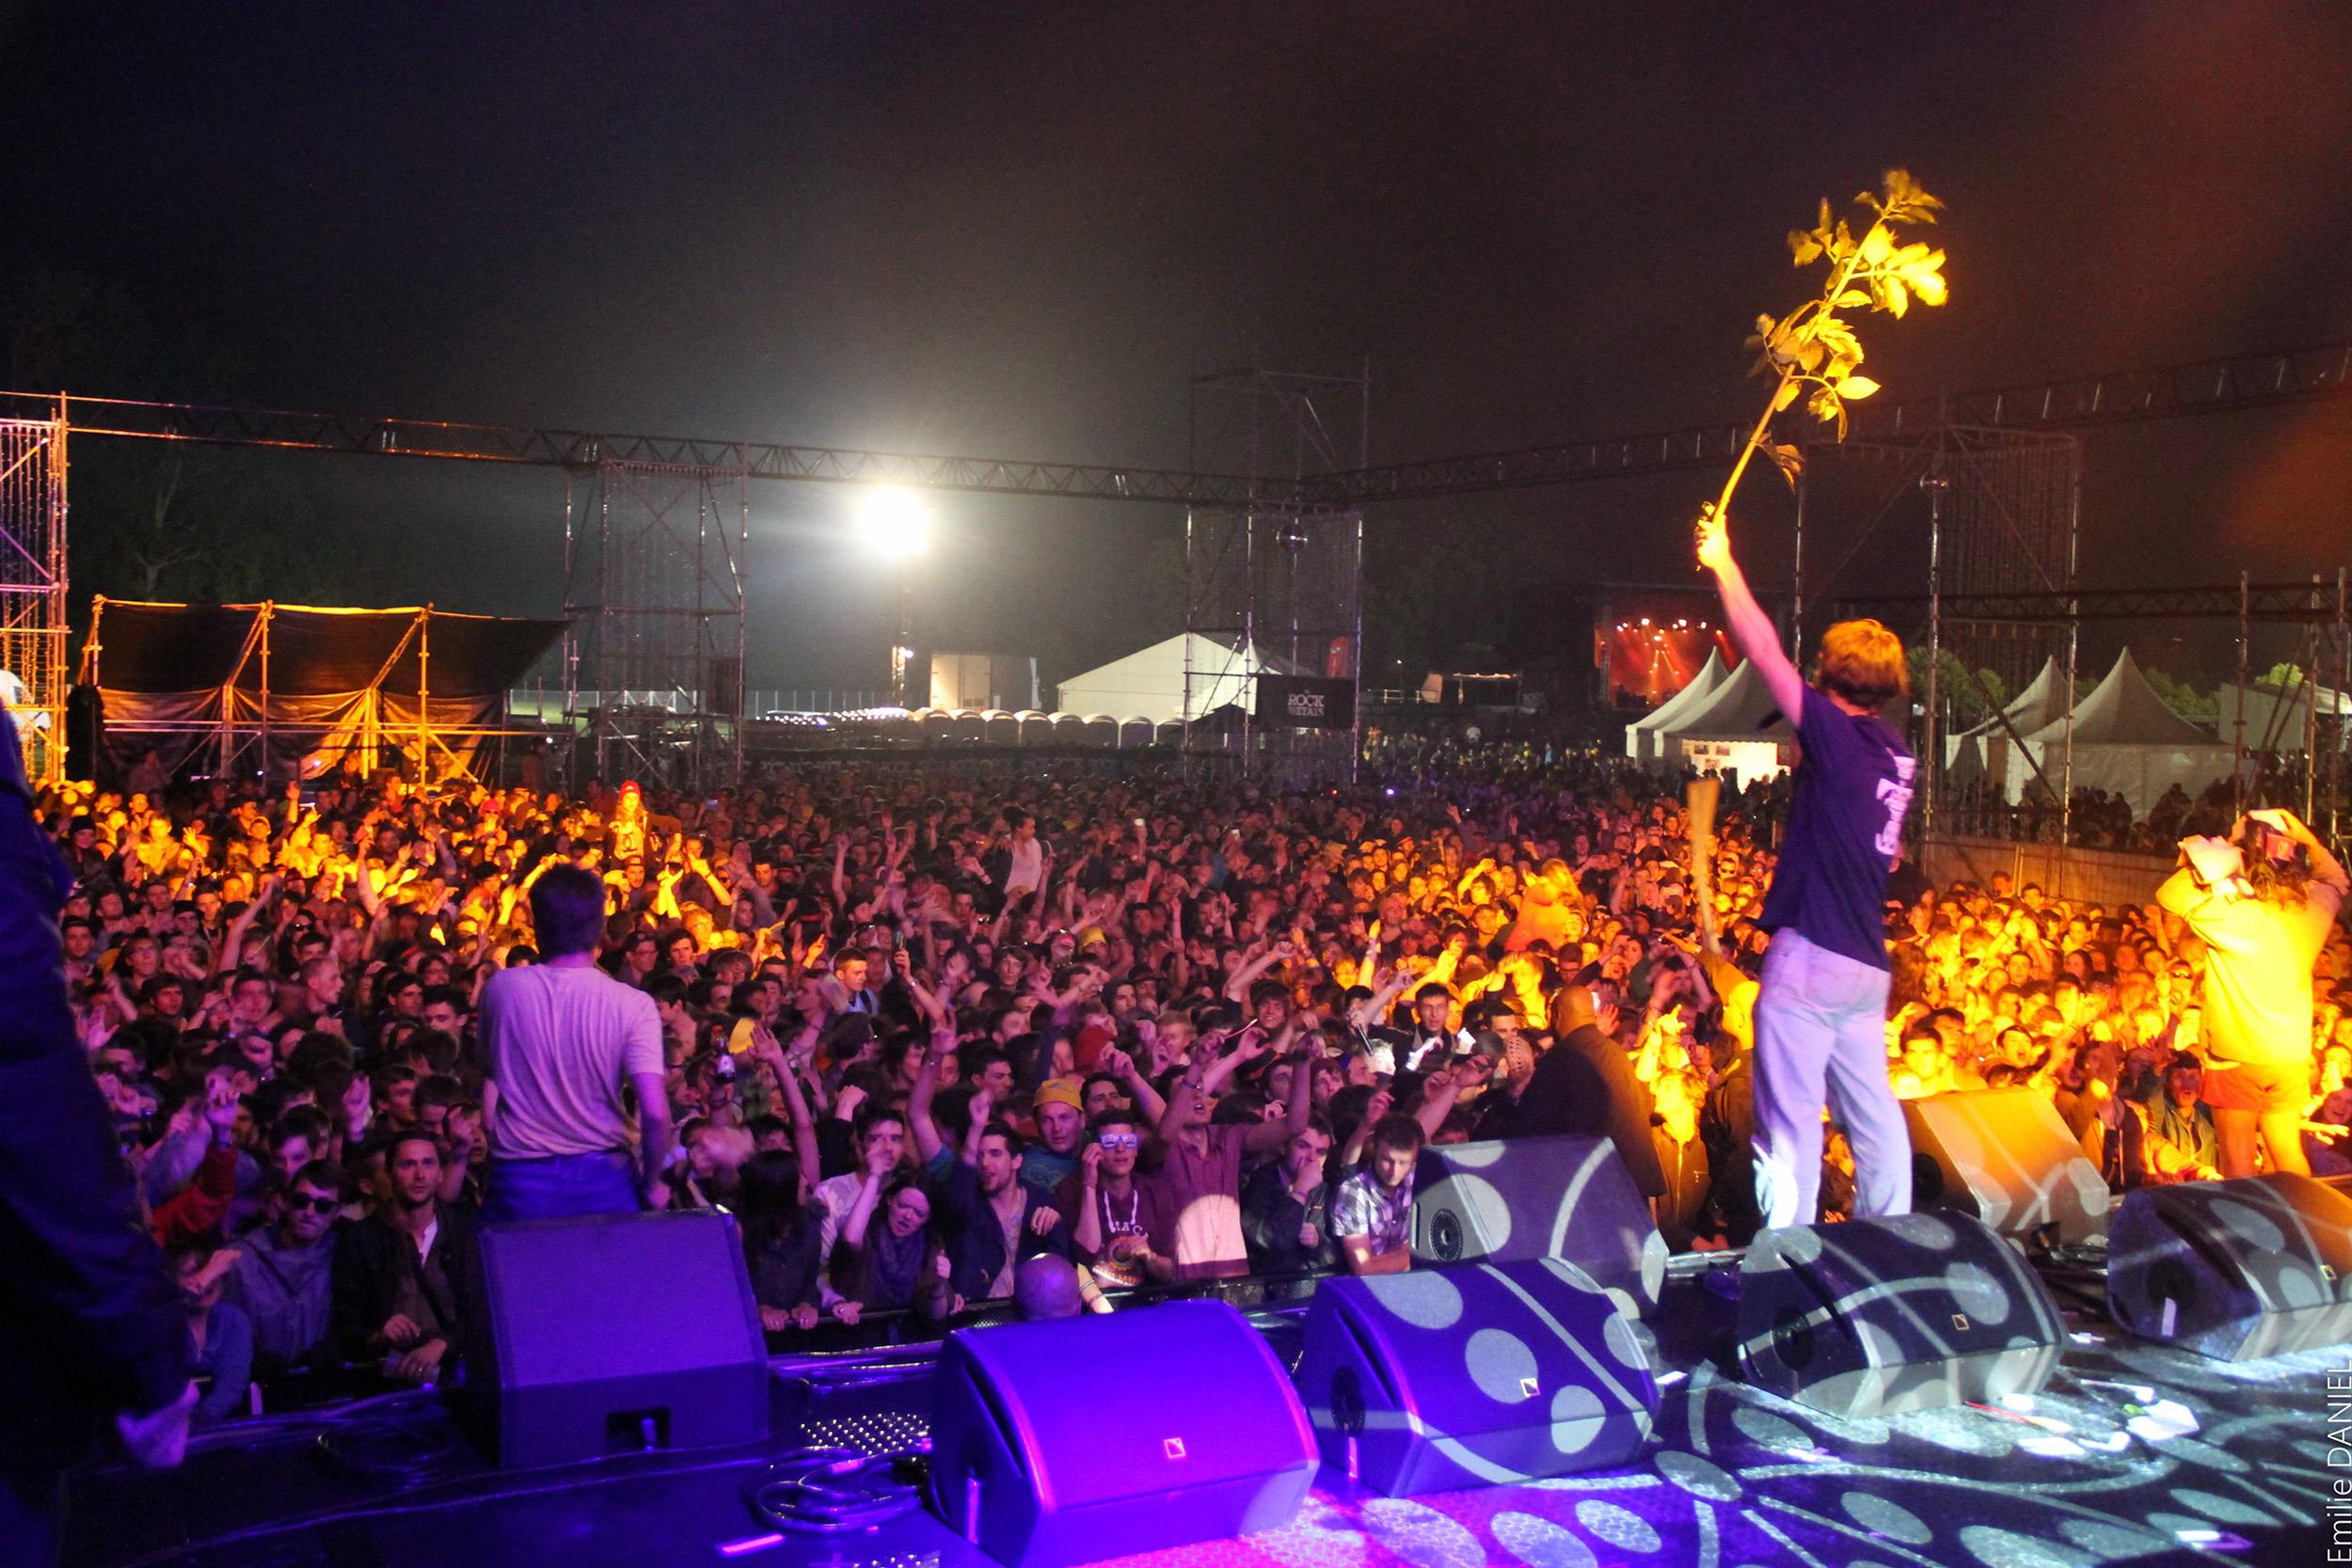 Plusieurs dizaines de milliers sont attendus cette année encore au festival Le Rock dans tous ses états, sur l'hippodrome d'Evreux (Photo Emilie Daniel)